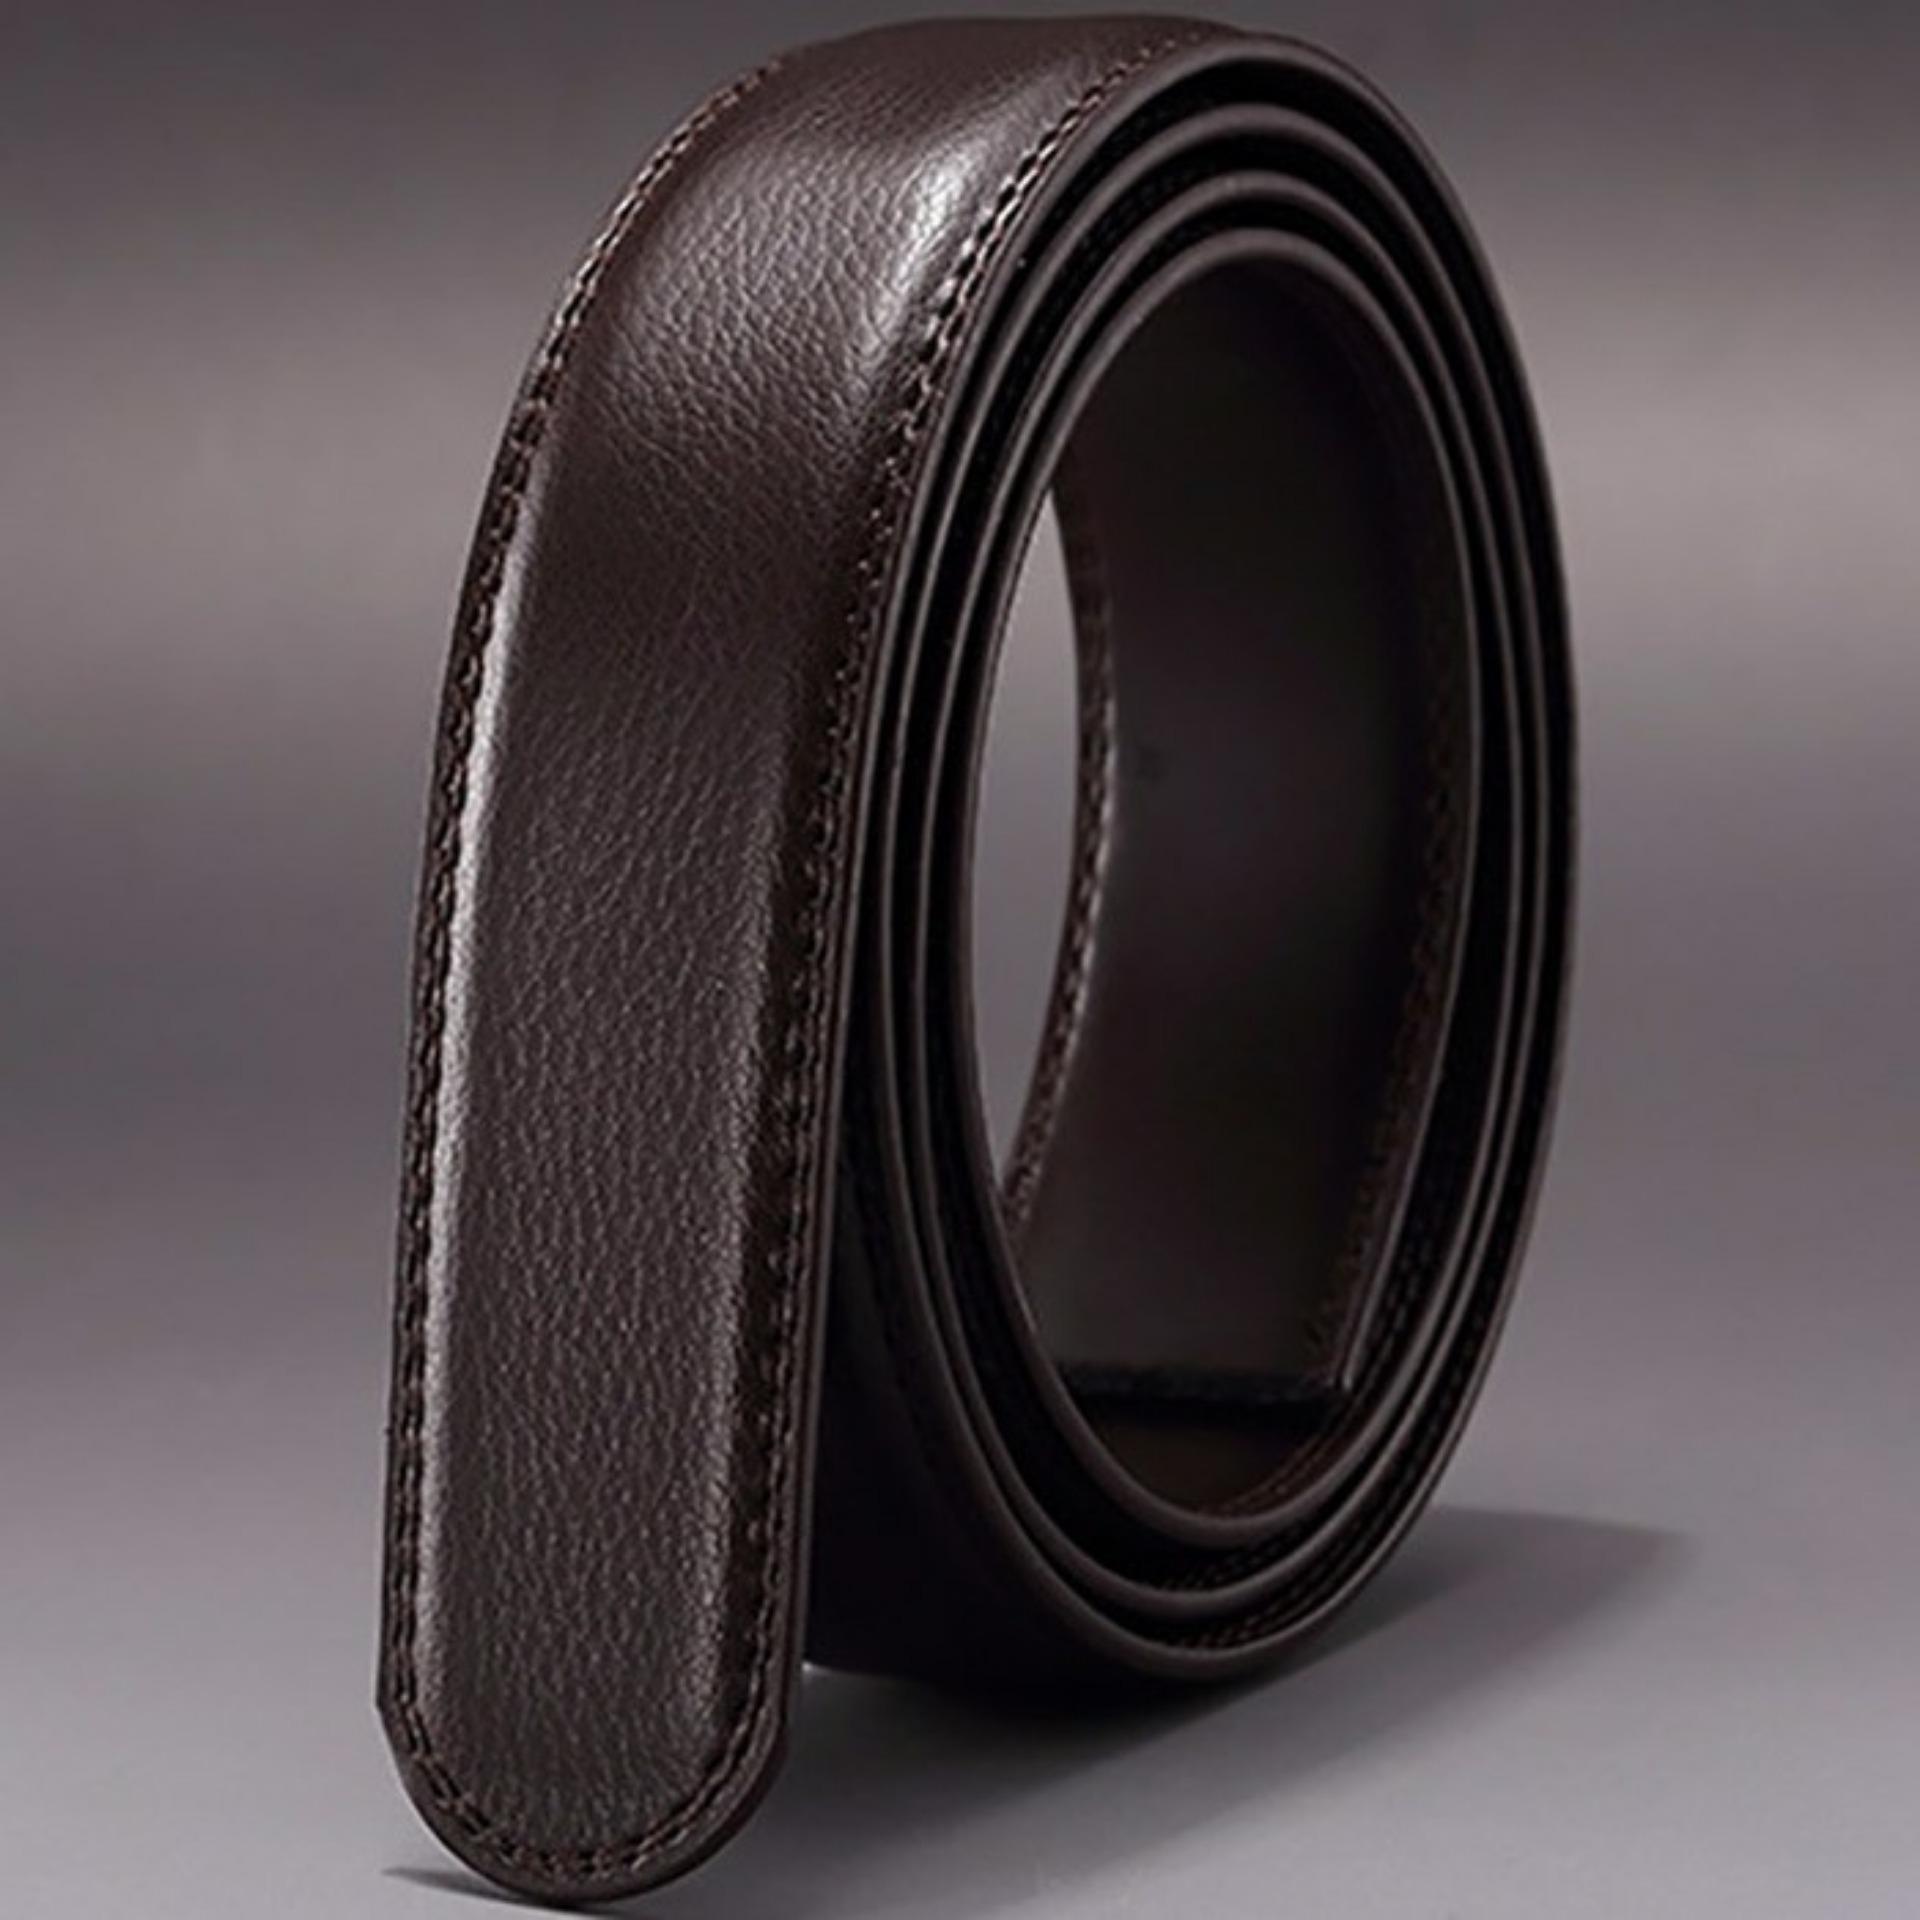 Sabuk/Tali Pengikat Pinggang 100% Kulit Asli Model Rell- Tanpa Gesper - Coklat